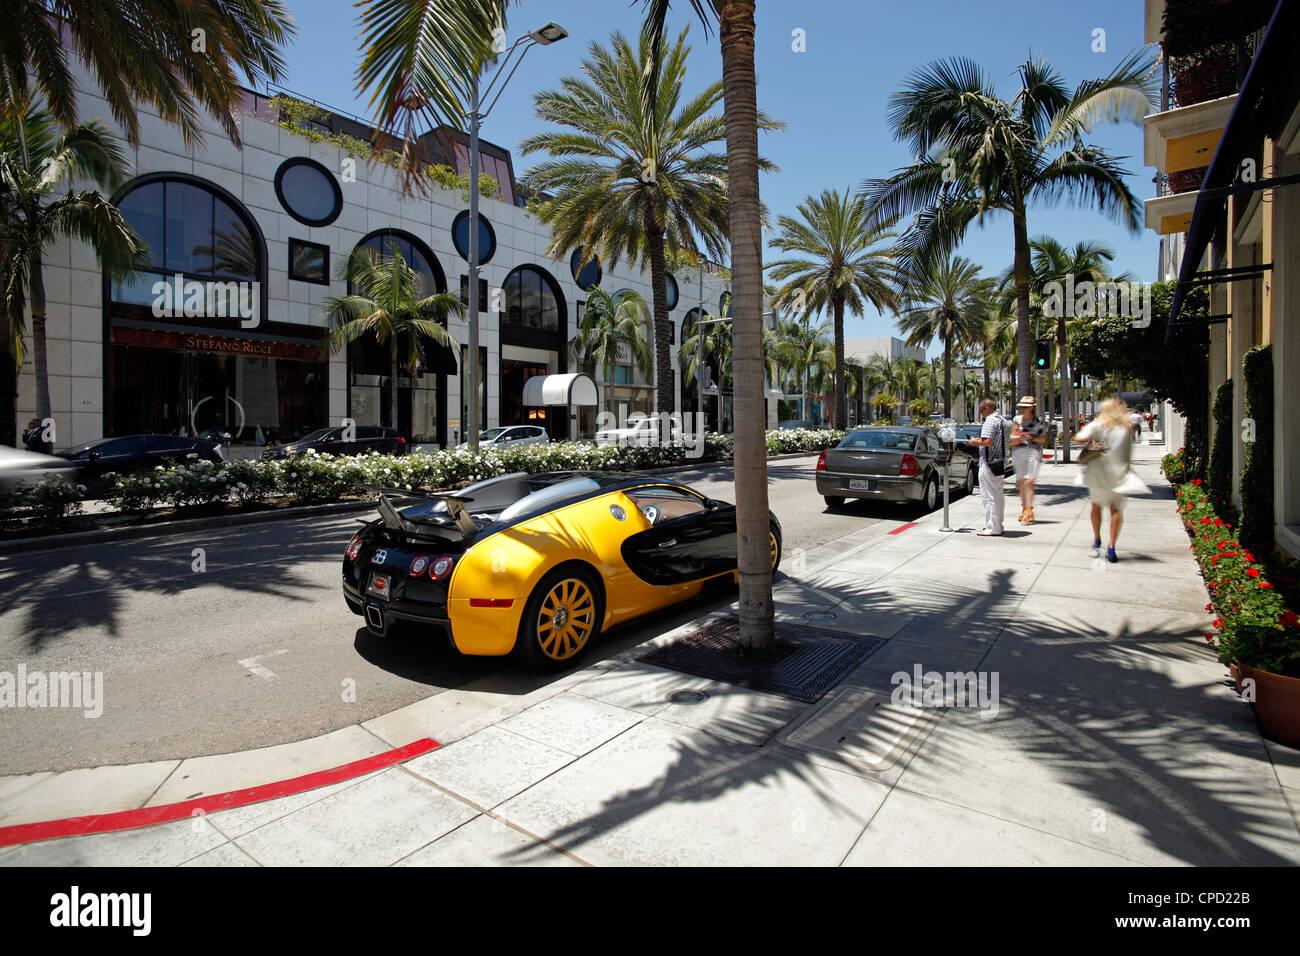 Bateau Voiture garée sur Rodeo Drive, Beverly Hills, Los Angeles, Californie, États-Unis d'Amérique, Photo Stock